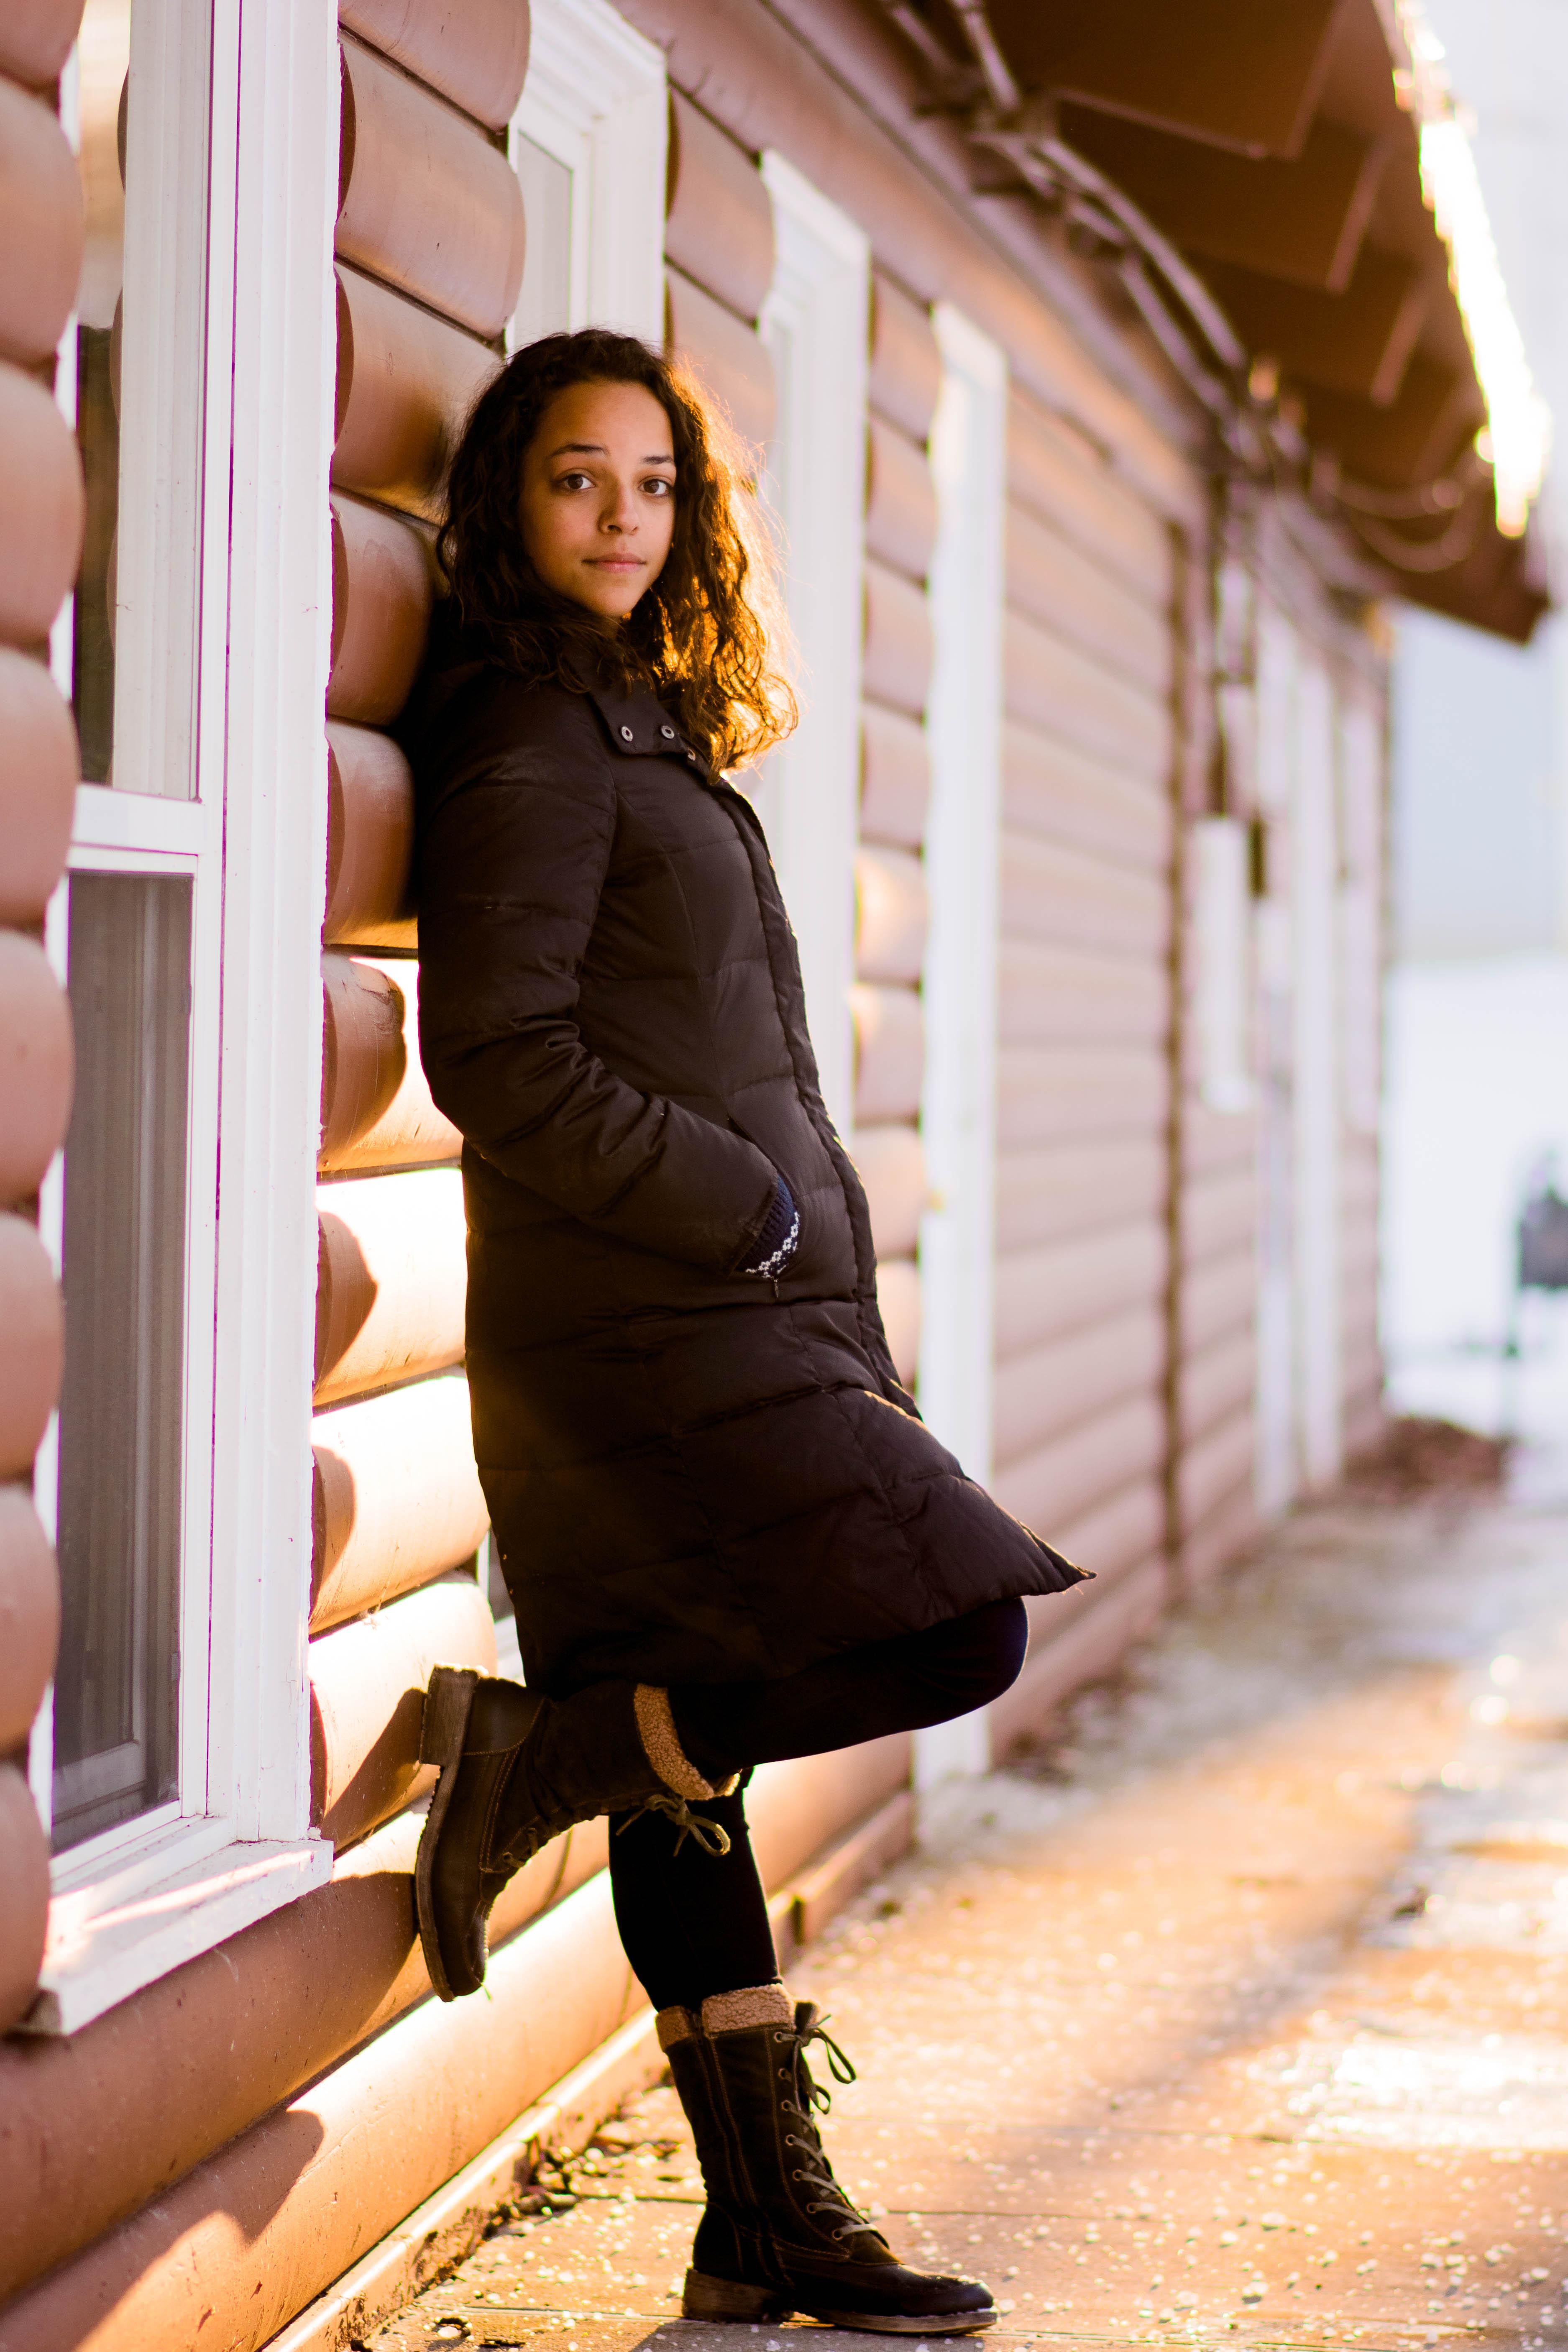 Rachel D | Portraits